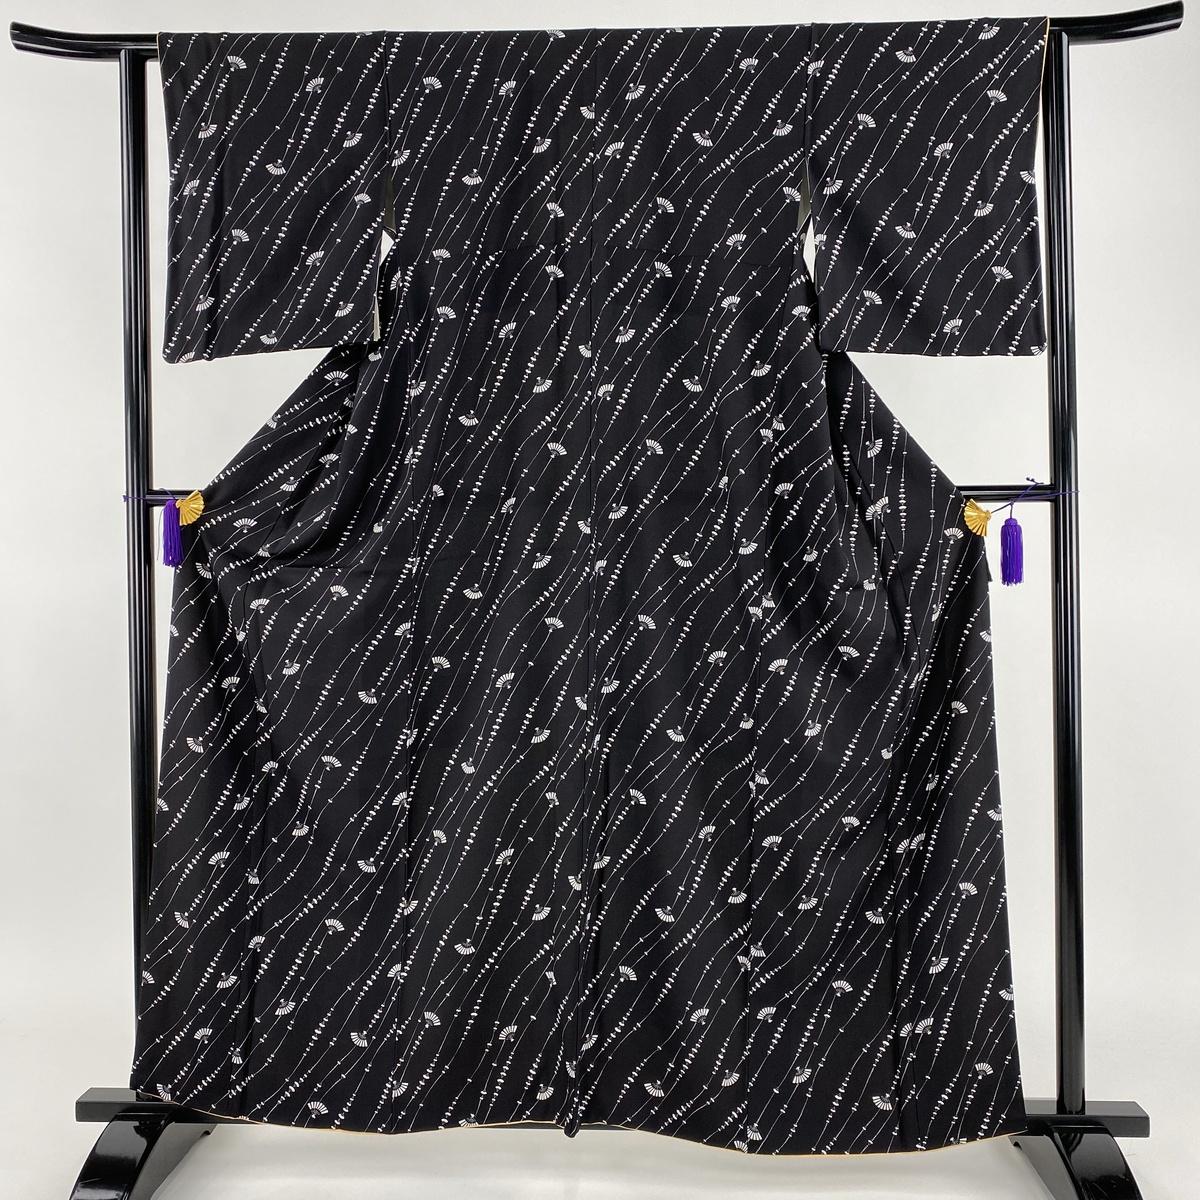 小紋 美品 秀品 扇子 黒 袷 身丈160.5cm 裄丈63cm S 正絹 【中古】